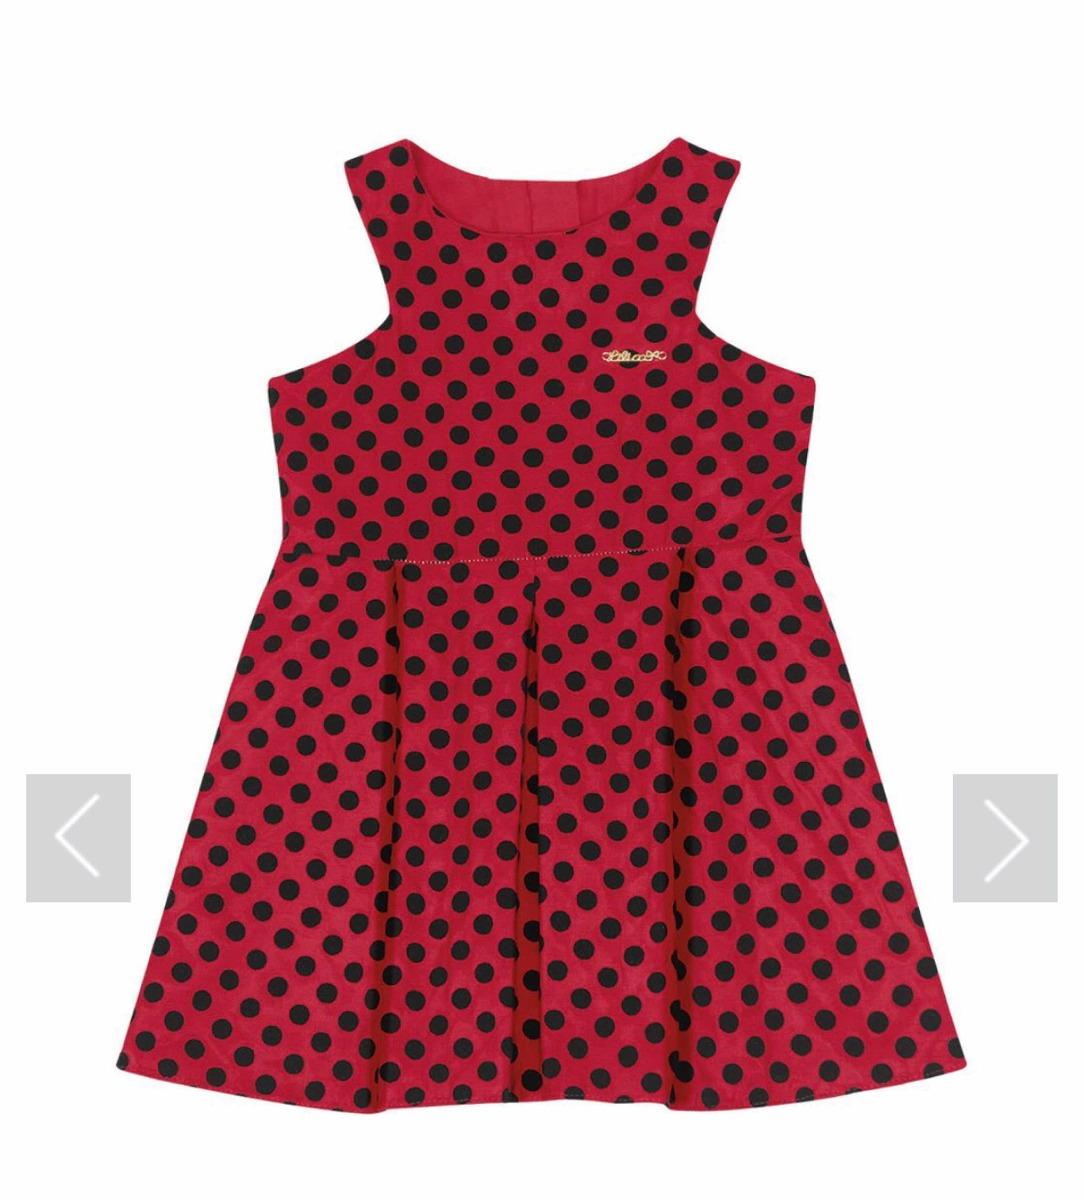 9966b8952 Vestido Lilica Ripilica Baby Vermelho - R$ 169,00 em Mercado Livre